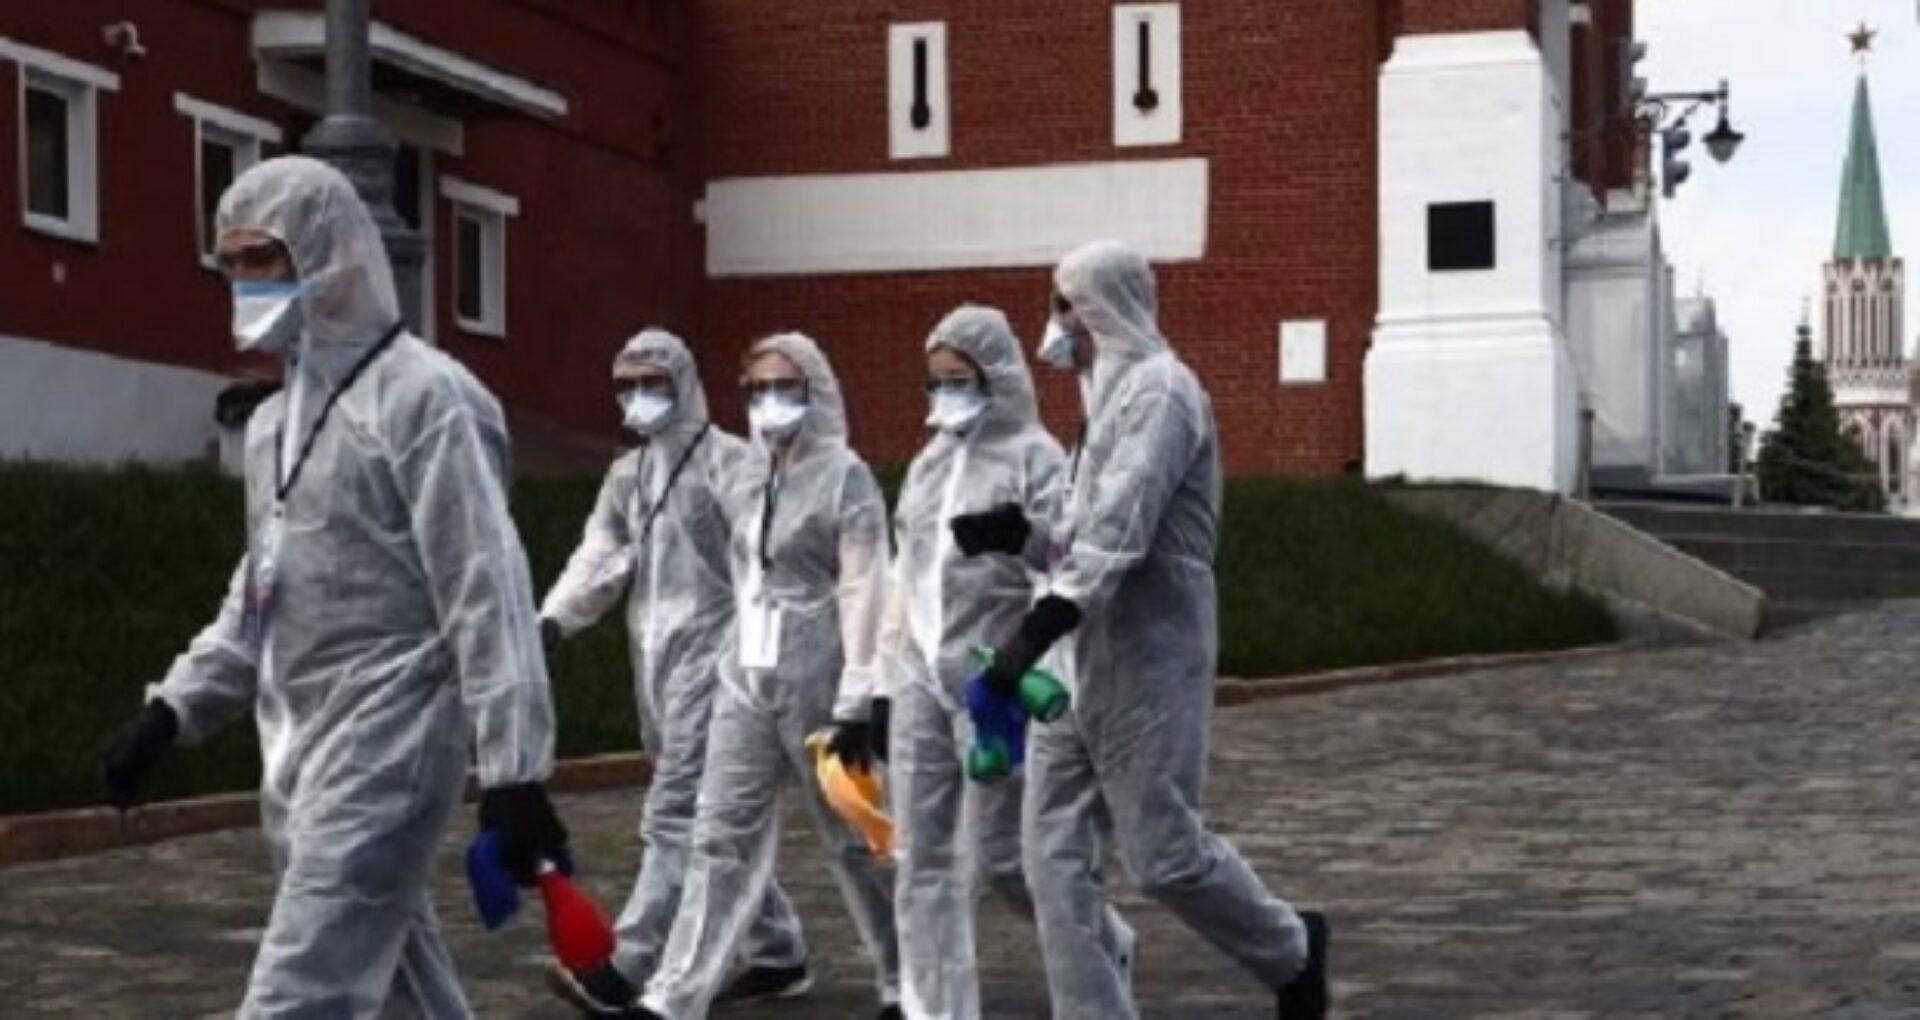 Covid-19: Numărul de noi infectări din Rusia depăşeşte 6 000 pentru a doua zi consecutiv